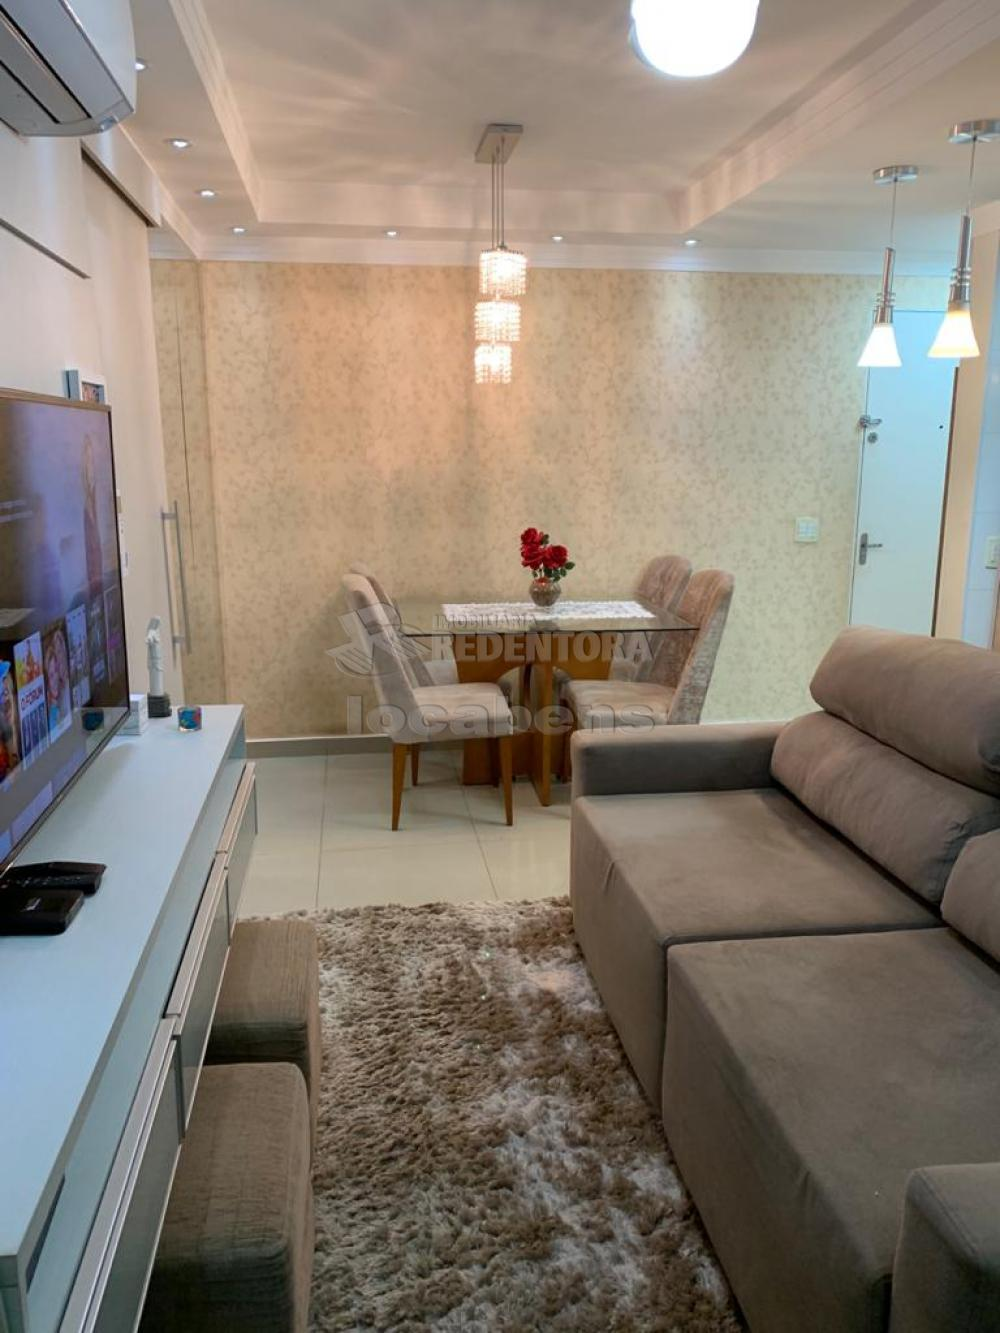 Comprar Apartamento / Padrão em São José do Rio Preto apenas R$ 230.000,00 - Foto 28